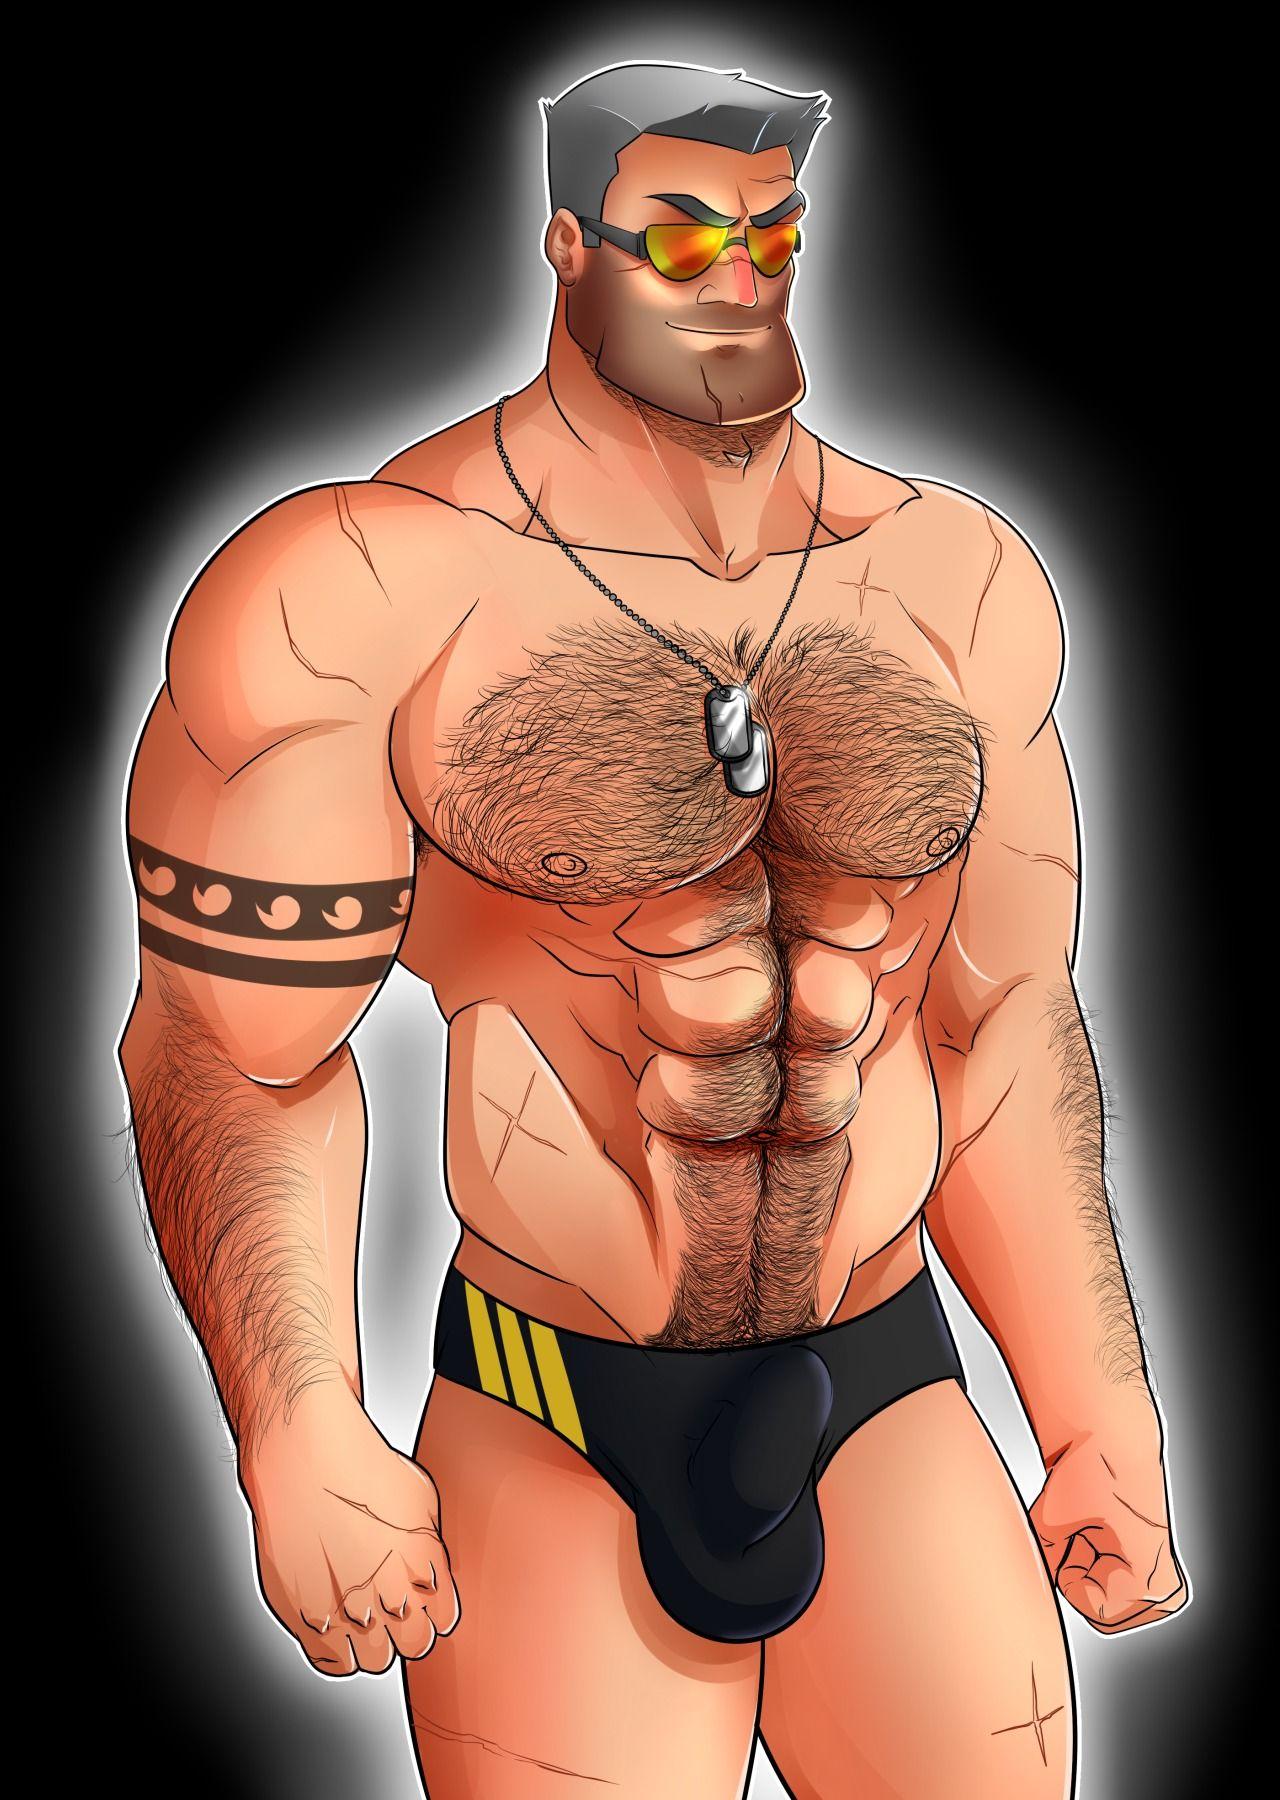 Tenacious d-im hte only gay eskimo